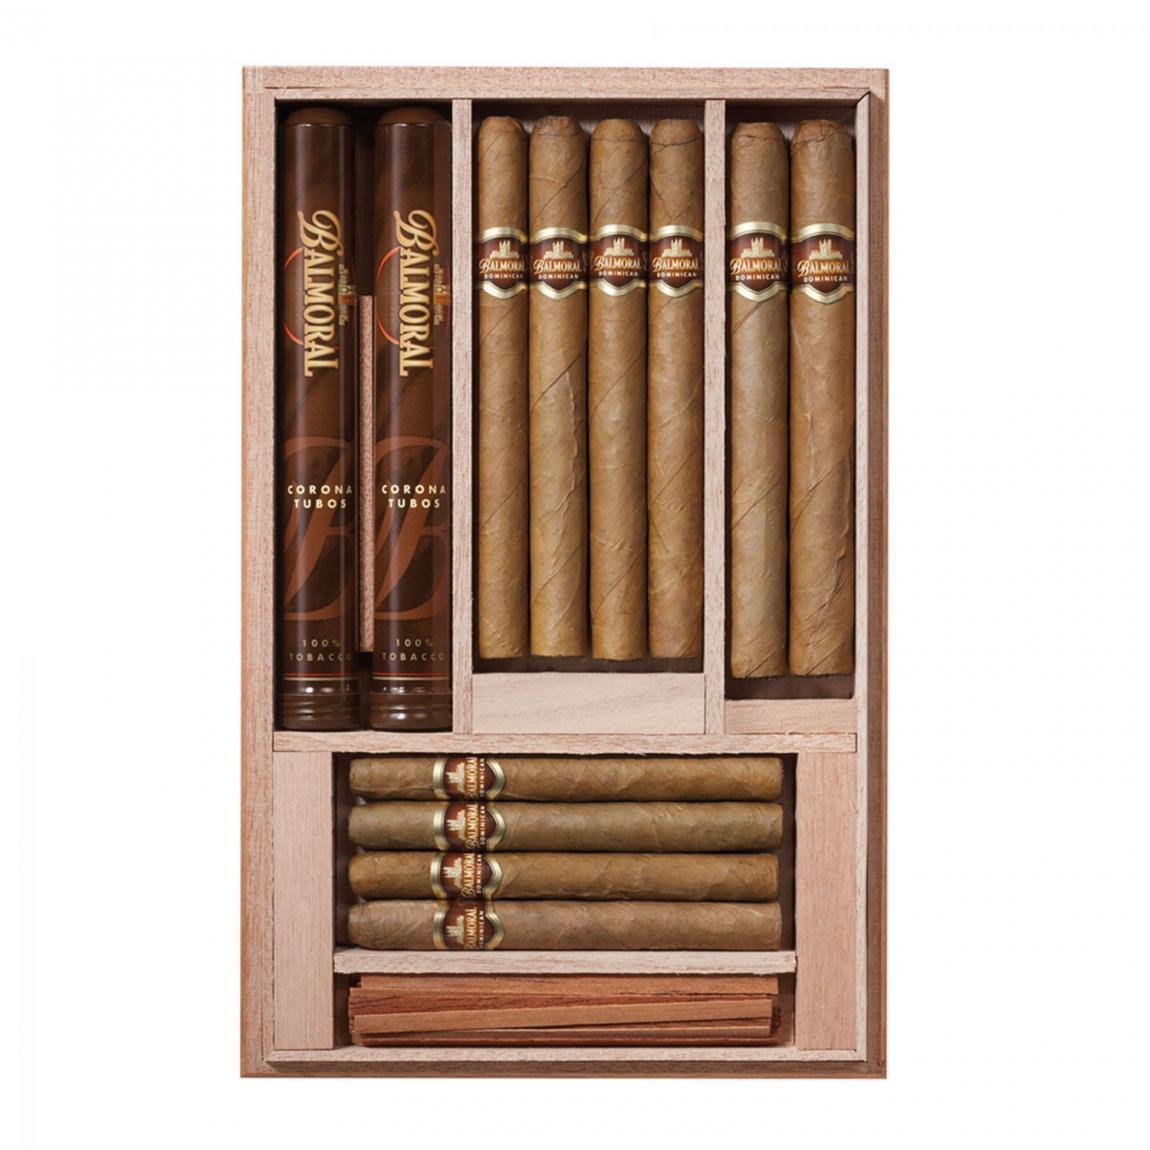 Balmoral D. S. Collection 12 Sortiment 12er Kiste